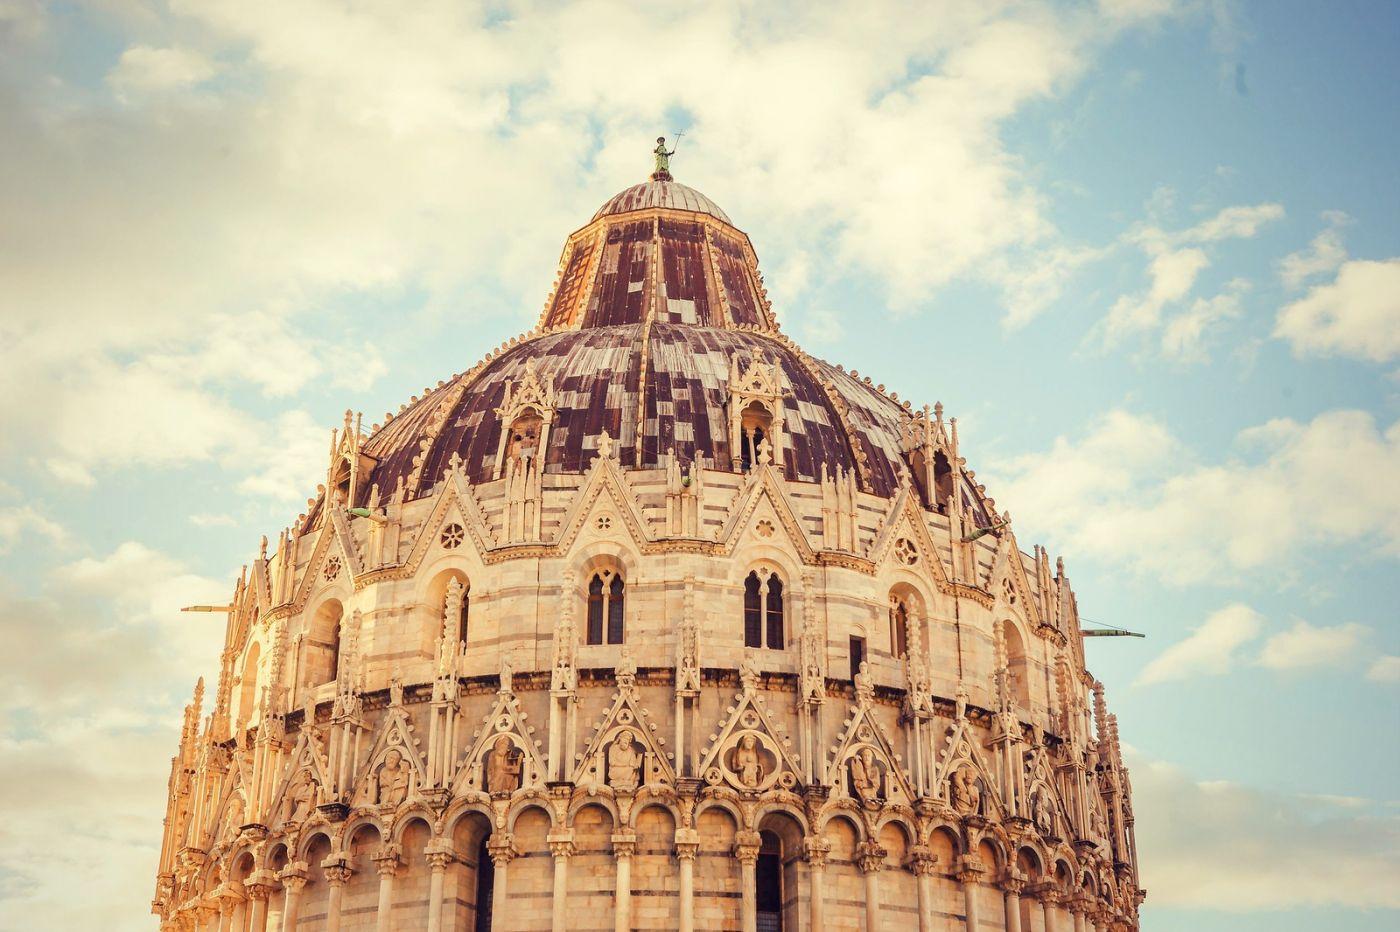 意大利比萨斜塔,塔旁的建筑群_图1-3